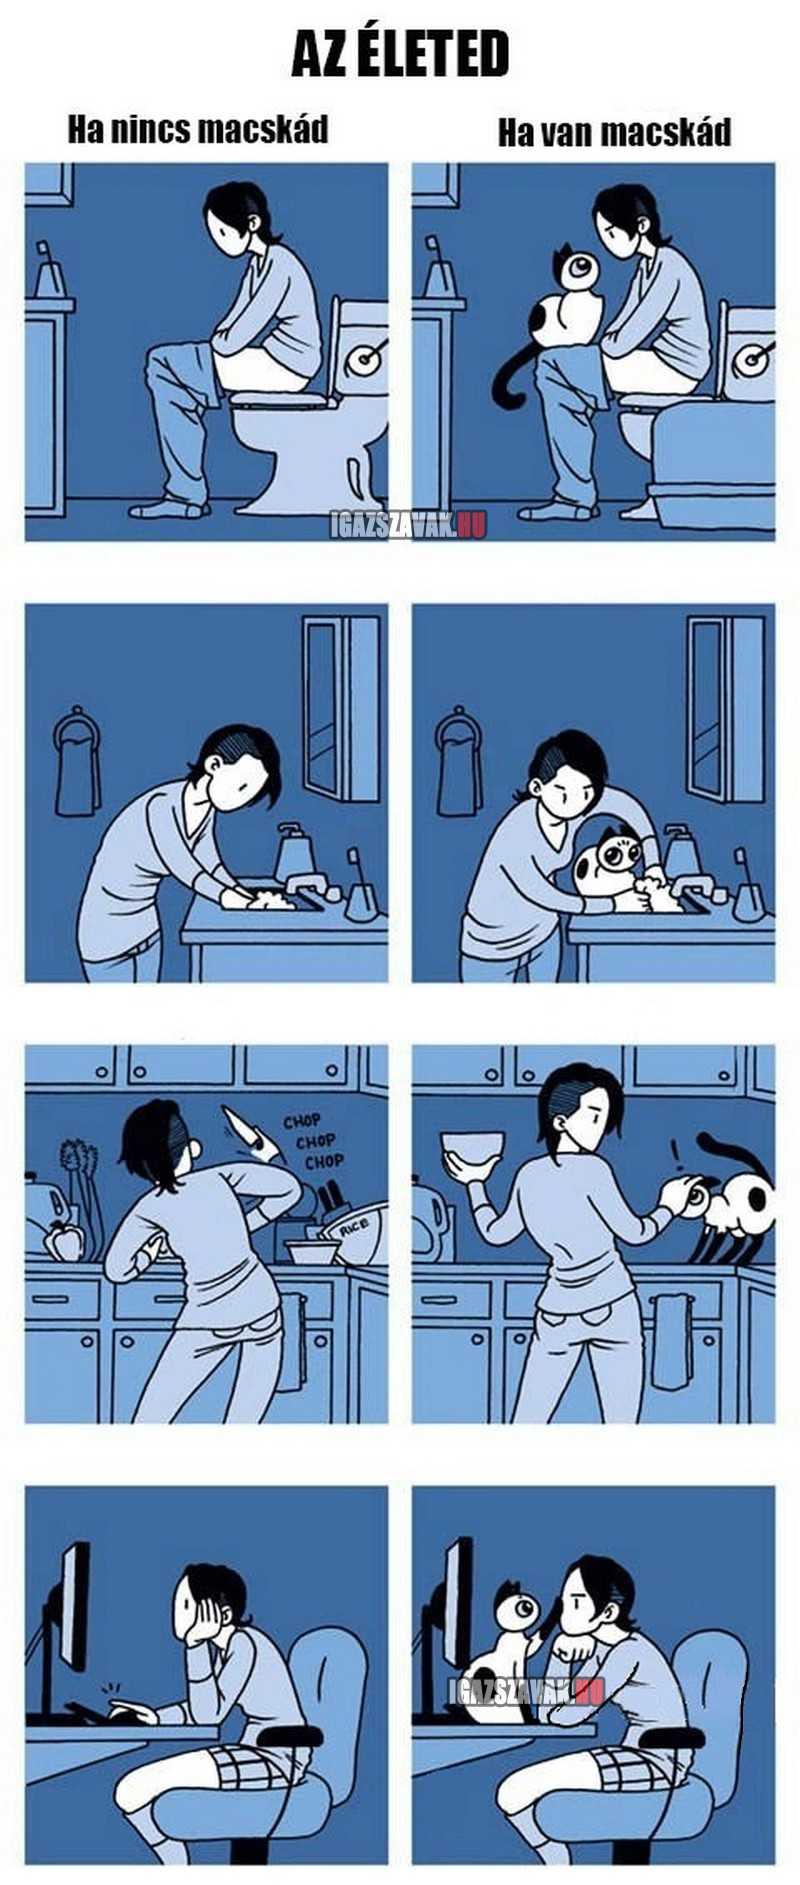 az élet macskával vs macska nélkül